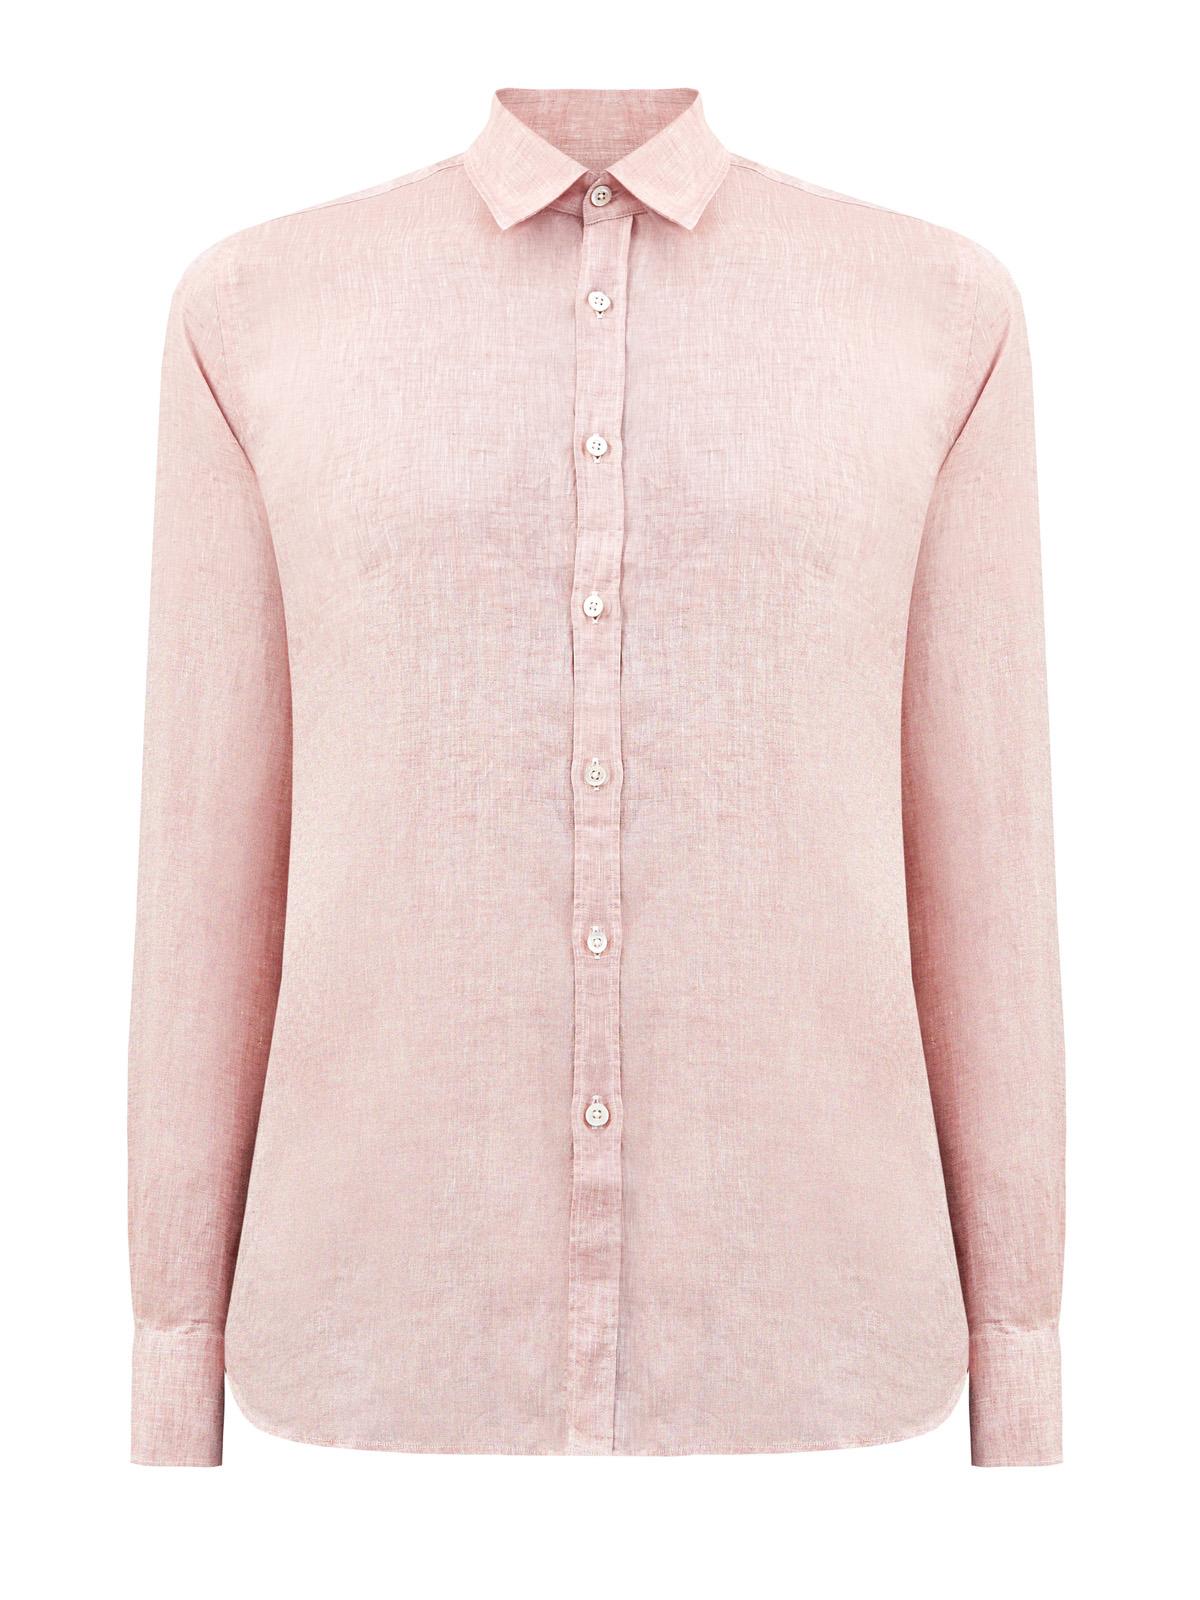 Рубашка из дышащего льна с меланжевым эффектом